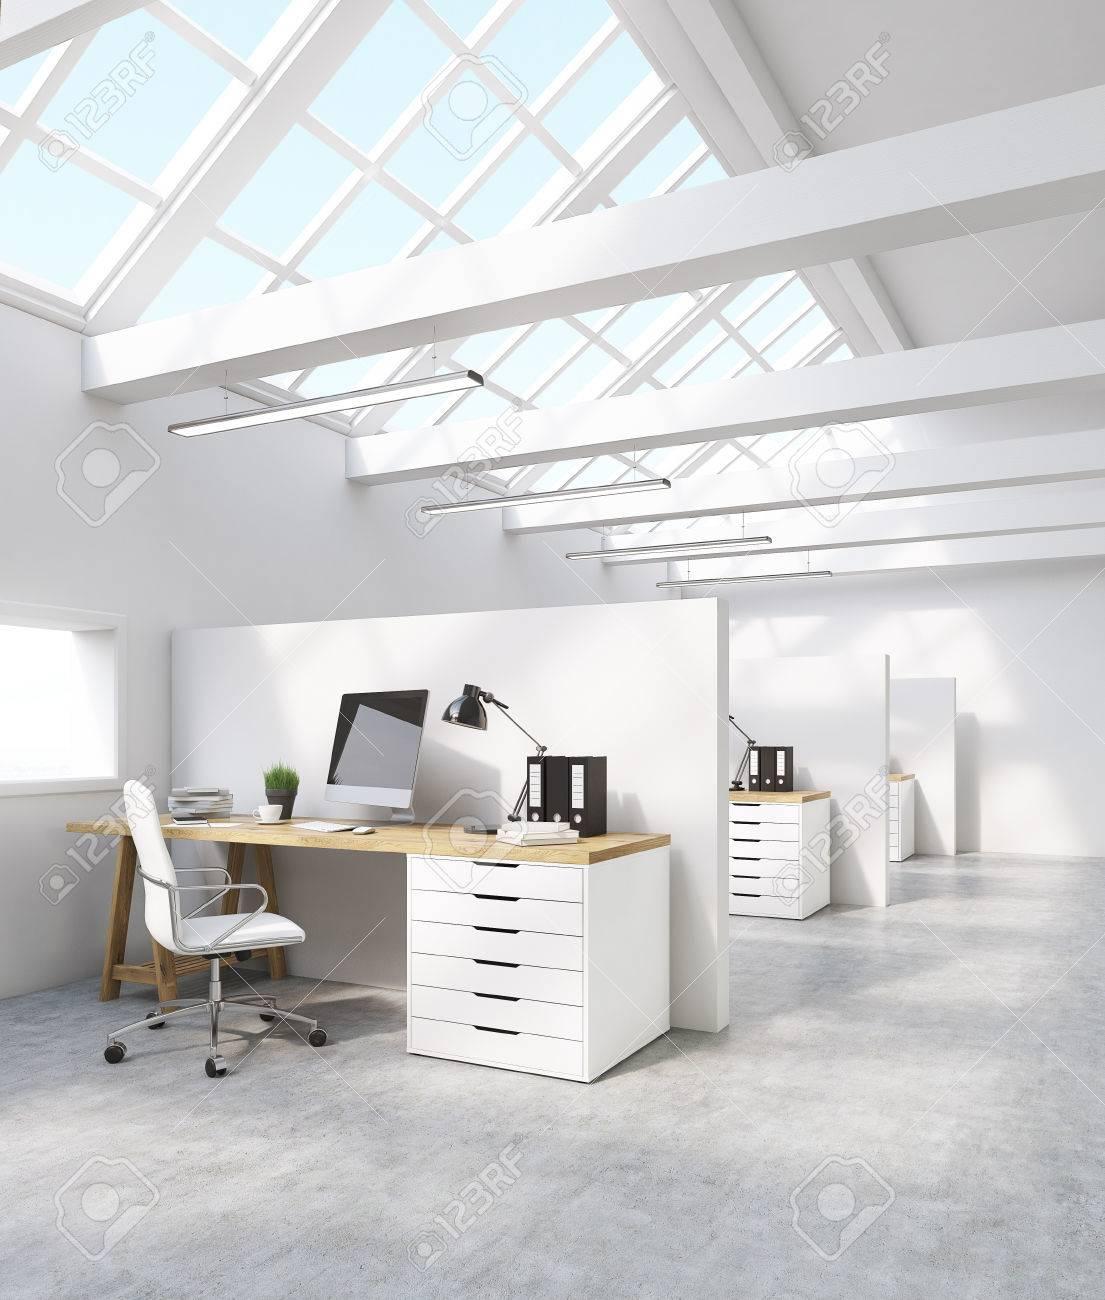 Standard Bild   Weiß Büro Interieur Im Dachgeschoss Mit  Computer Bildschirm, Einem Schreibtisch Und Bindemittel. Konzept Des  Internationalen Konzerns.